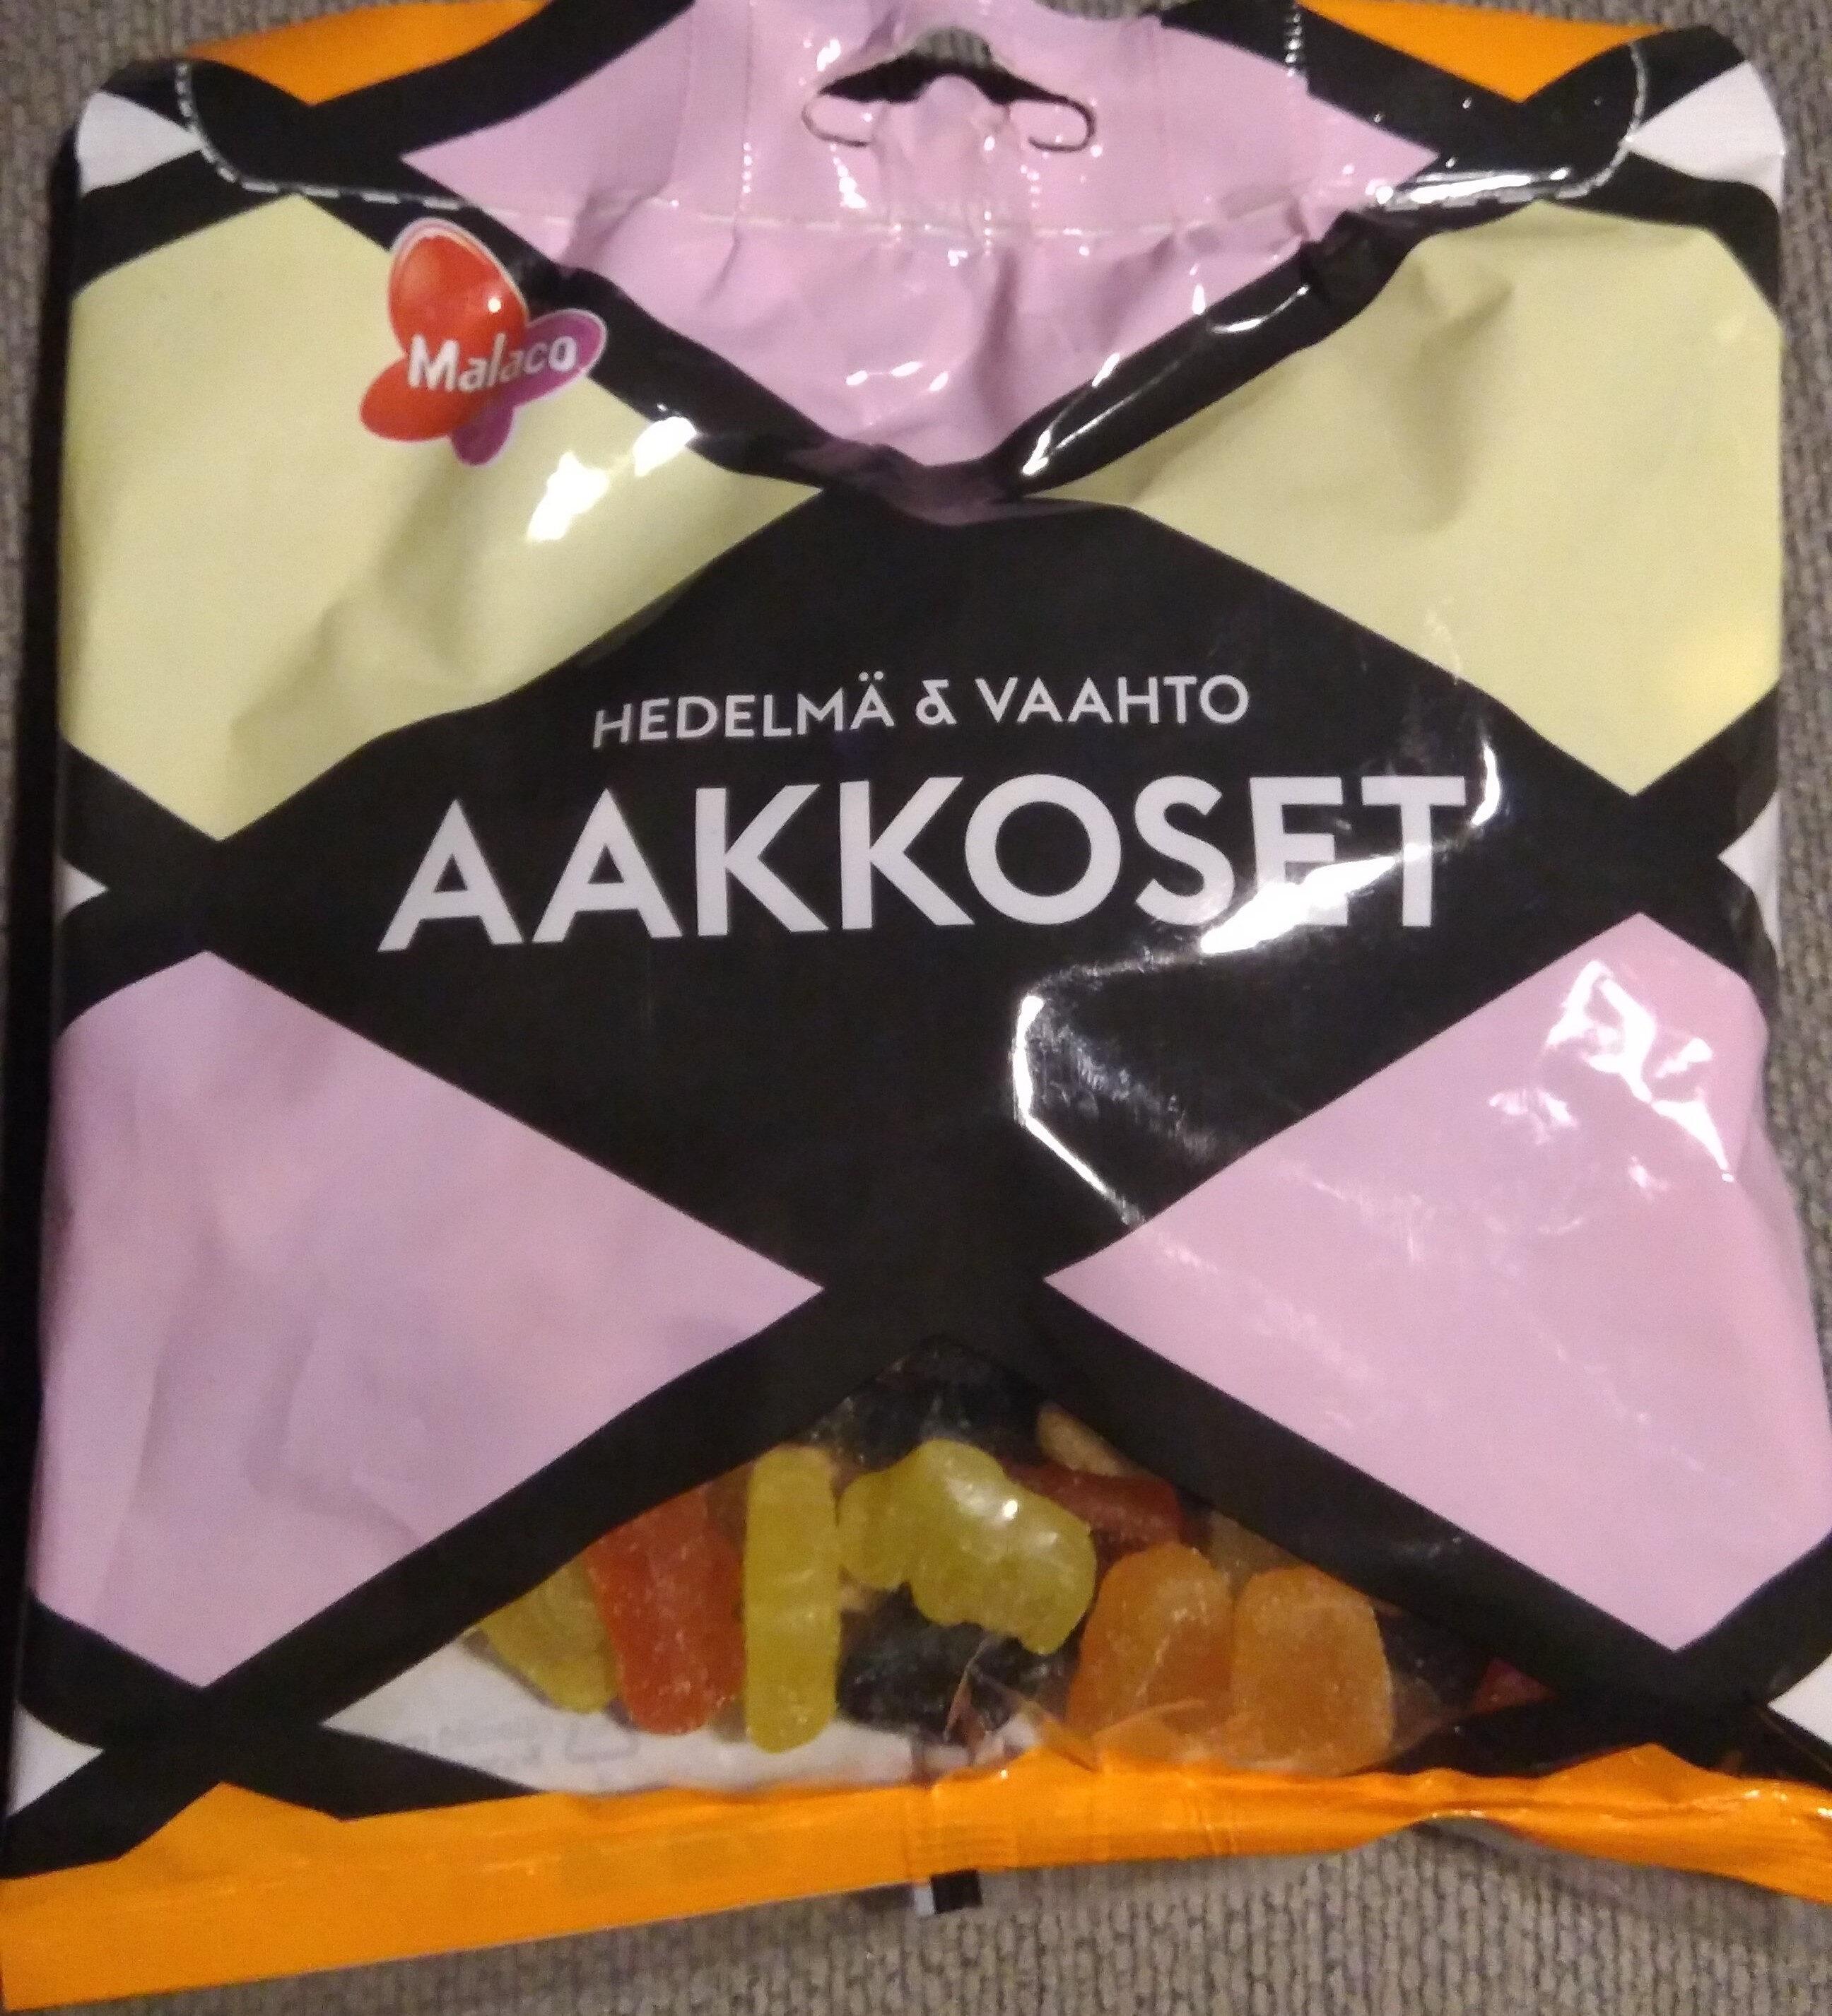 Hedelmä & Vaahto Aakkoset - Product